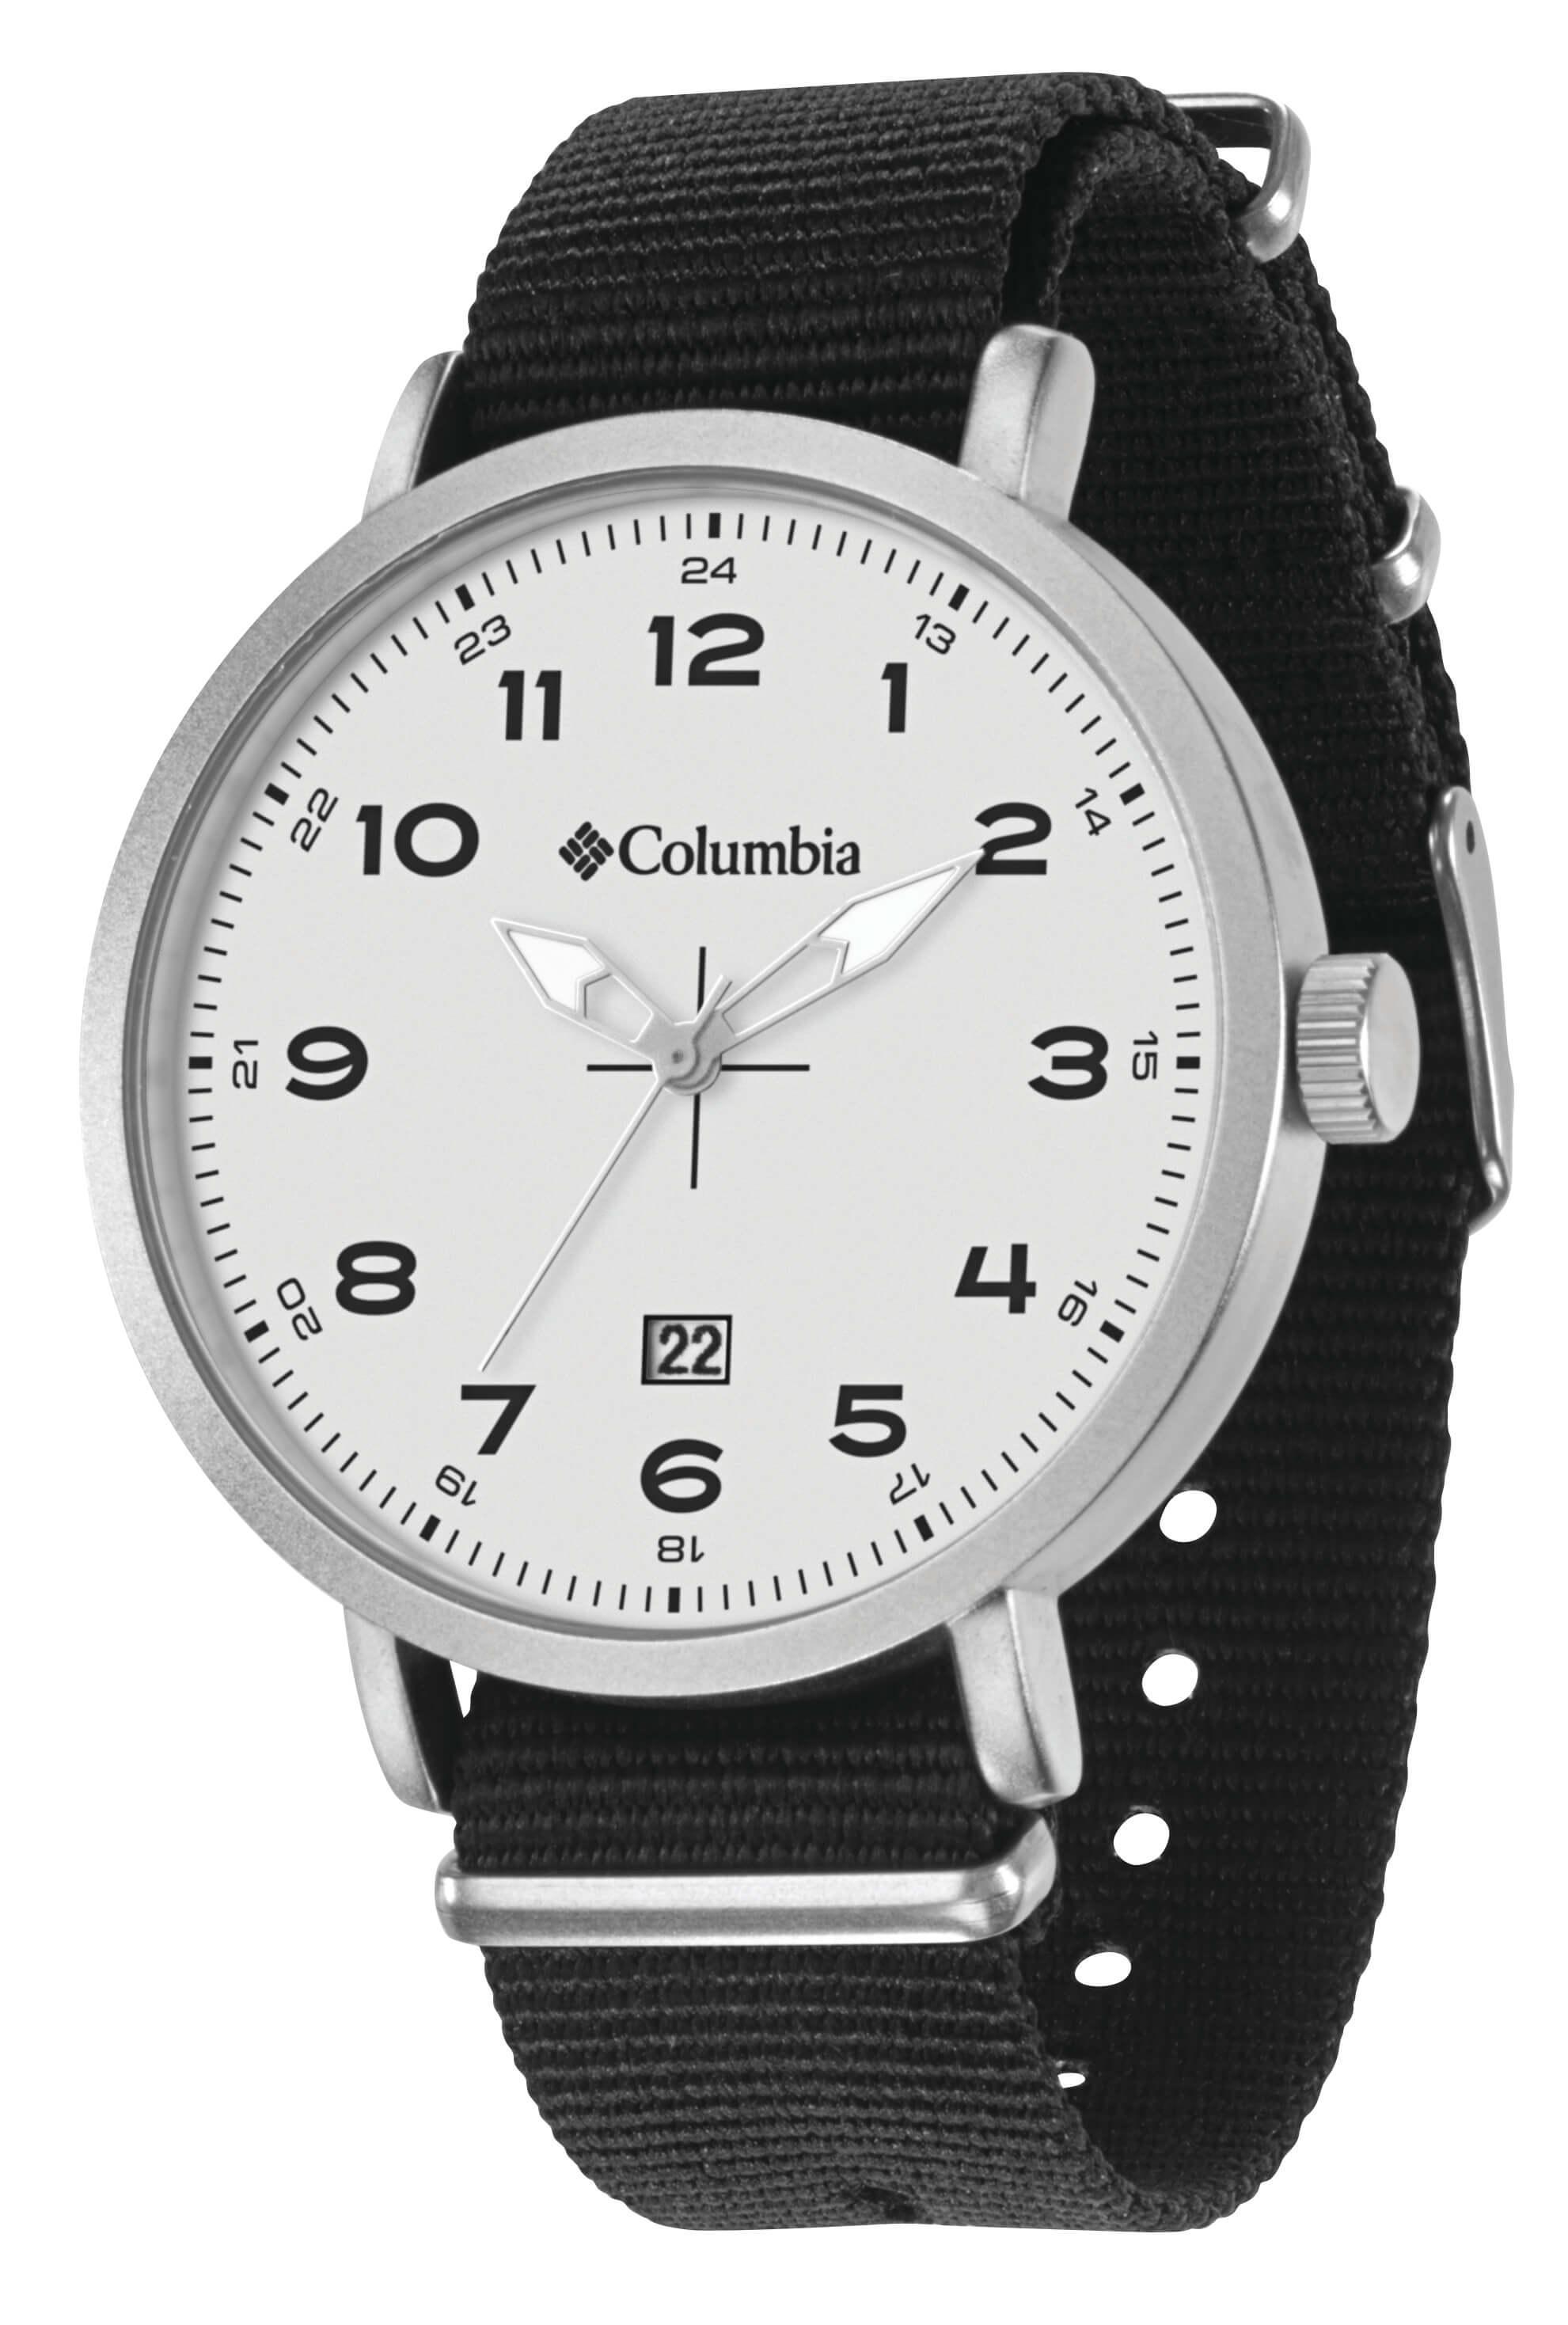 2fdb7d7e7e1ad Buy Columbia Sportswear